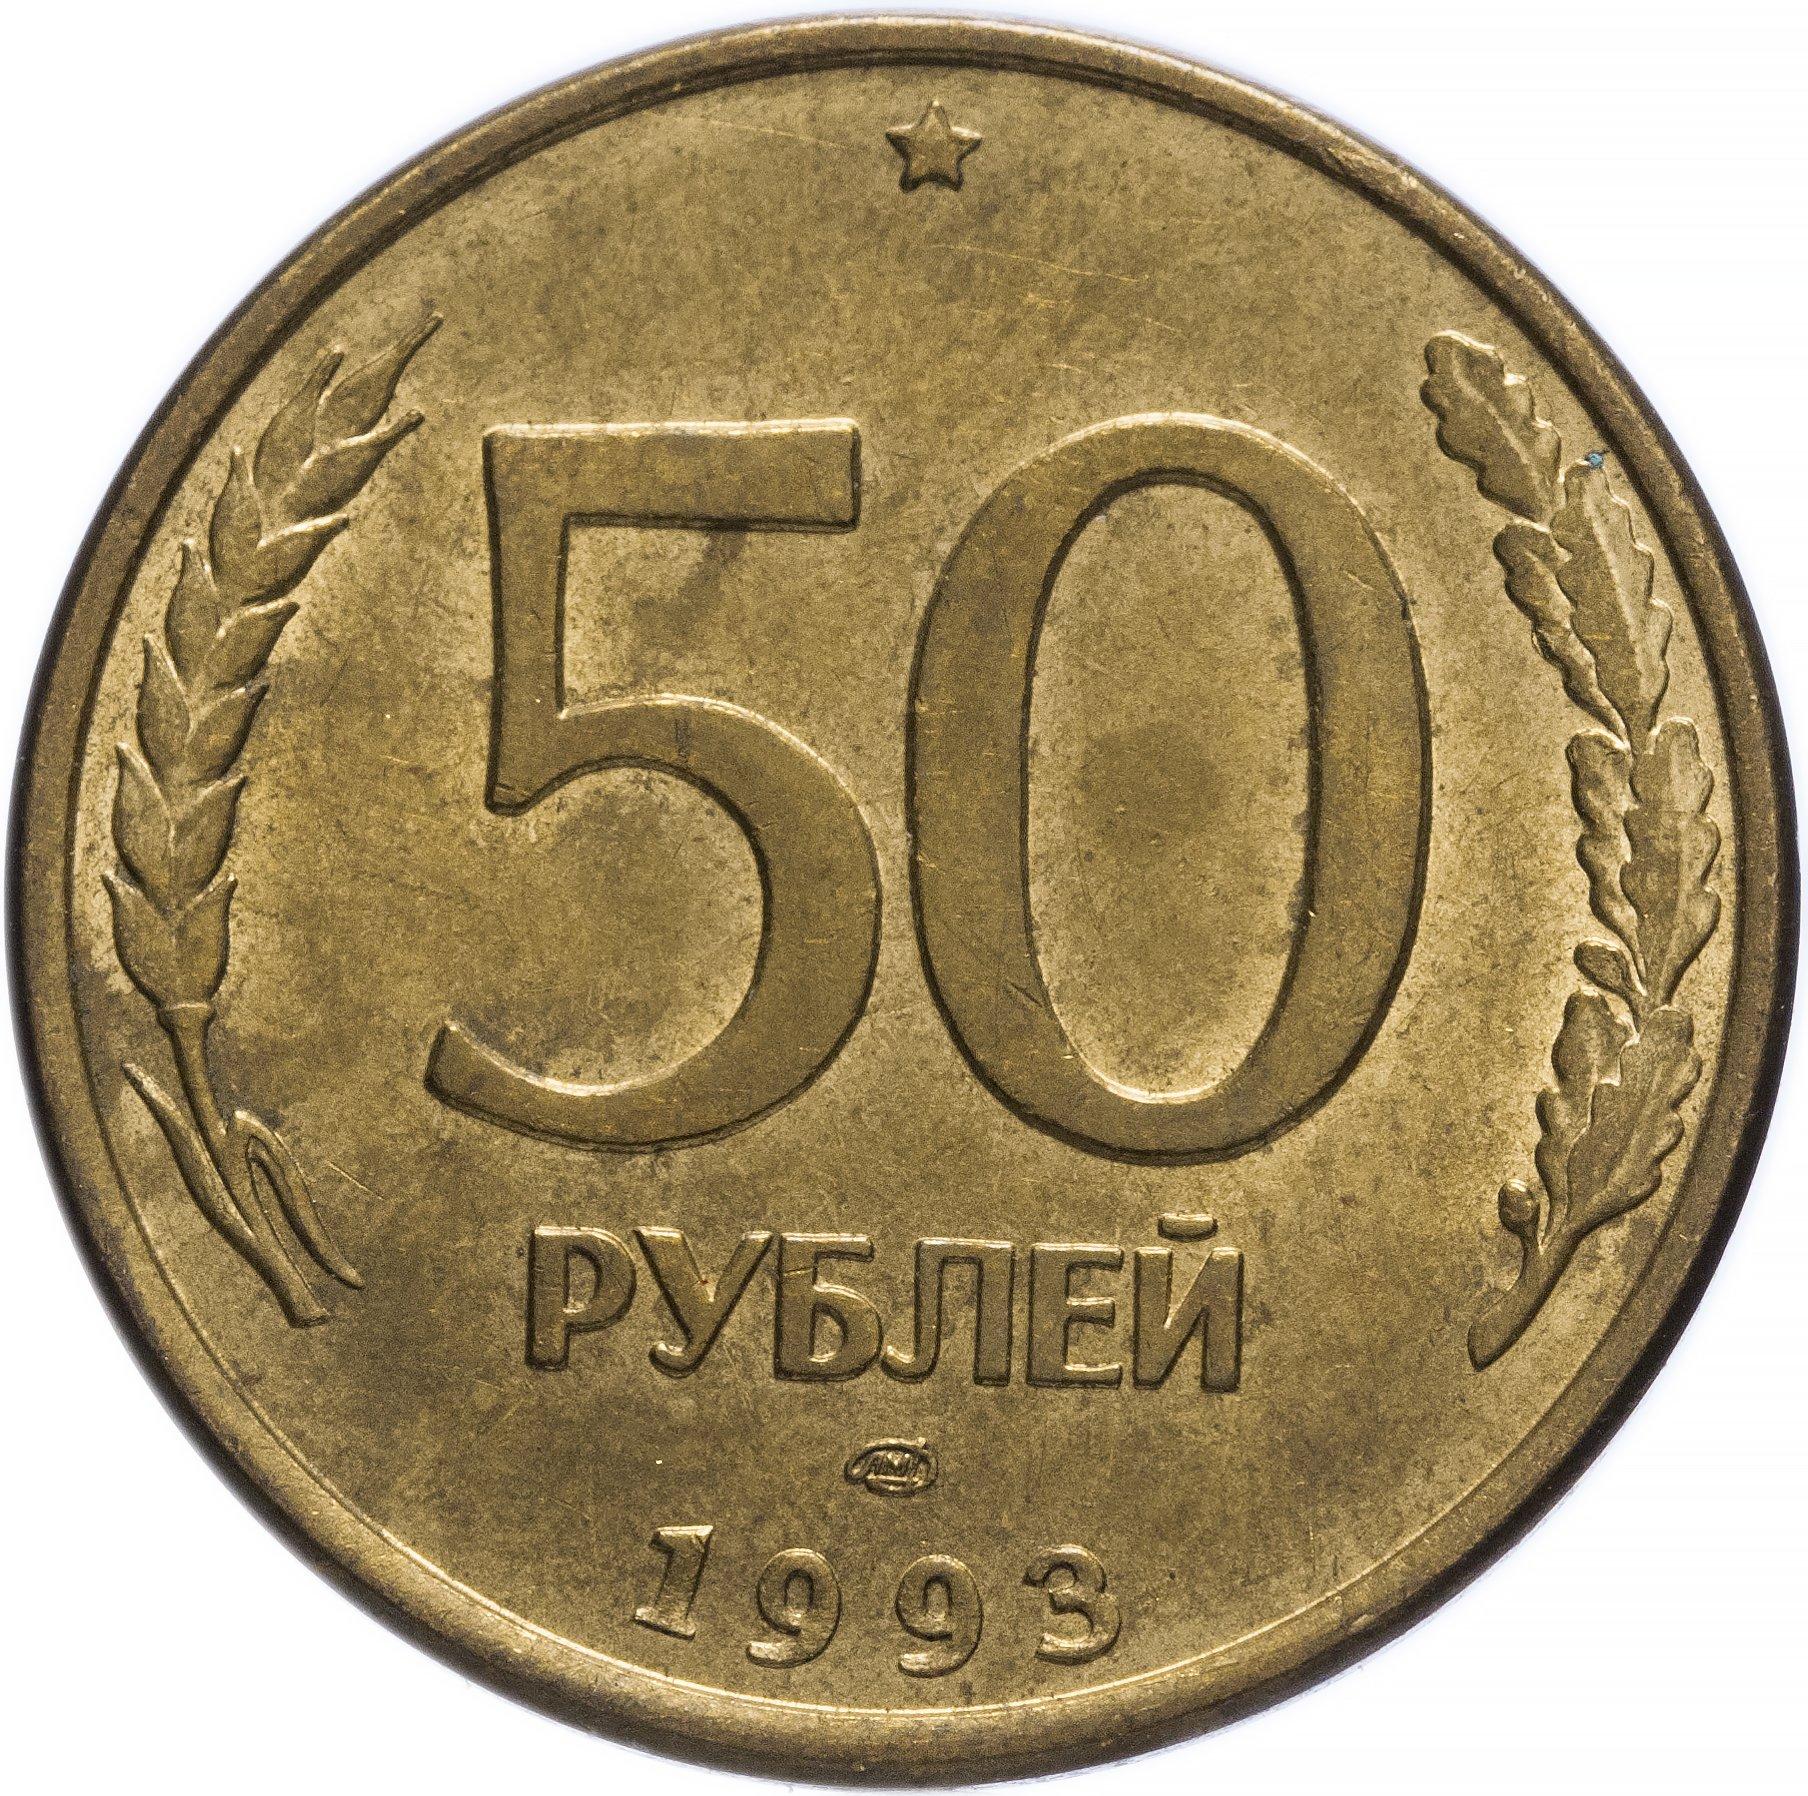 Купить 50 рублей 1993 монеты россии 1766 года